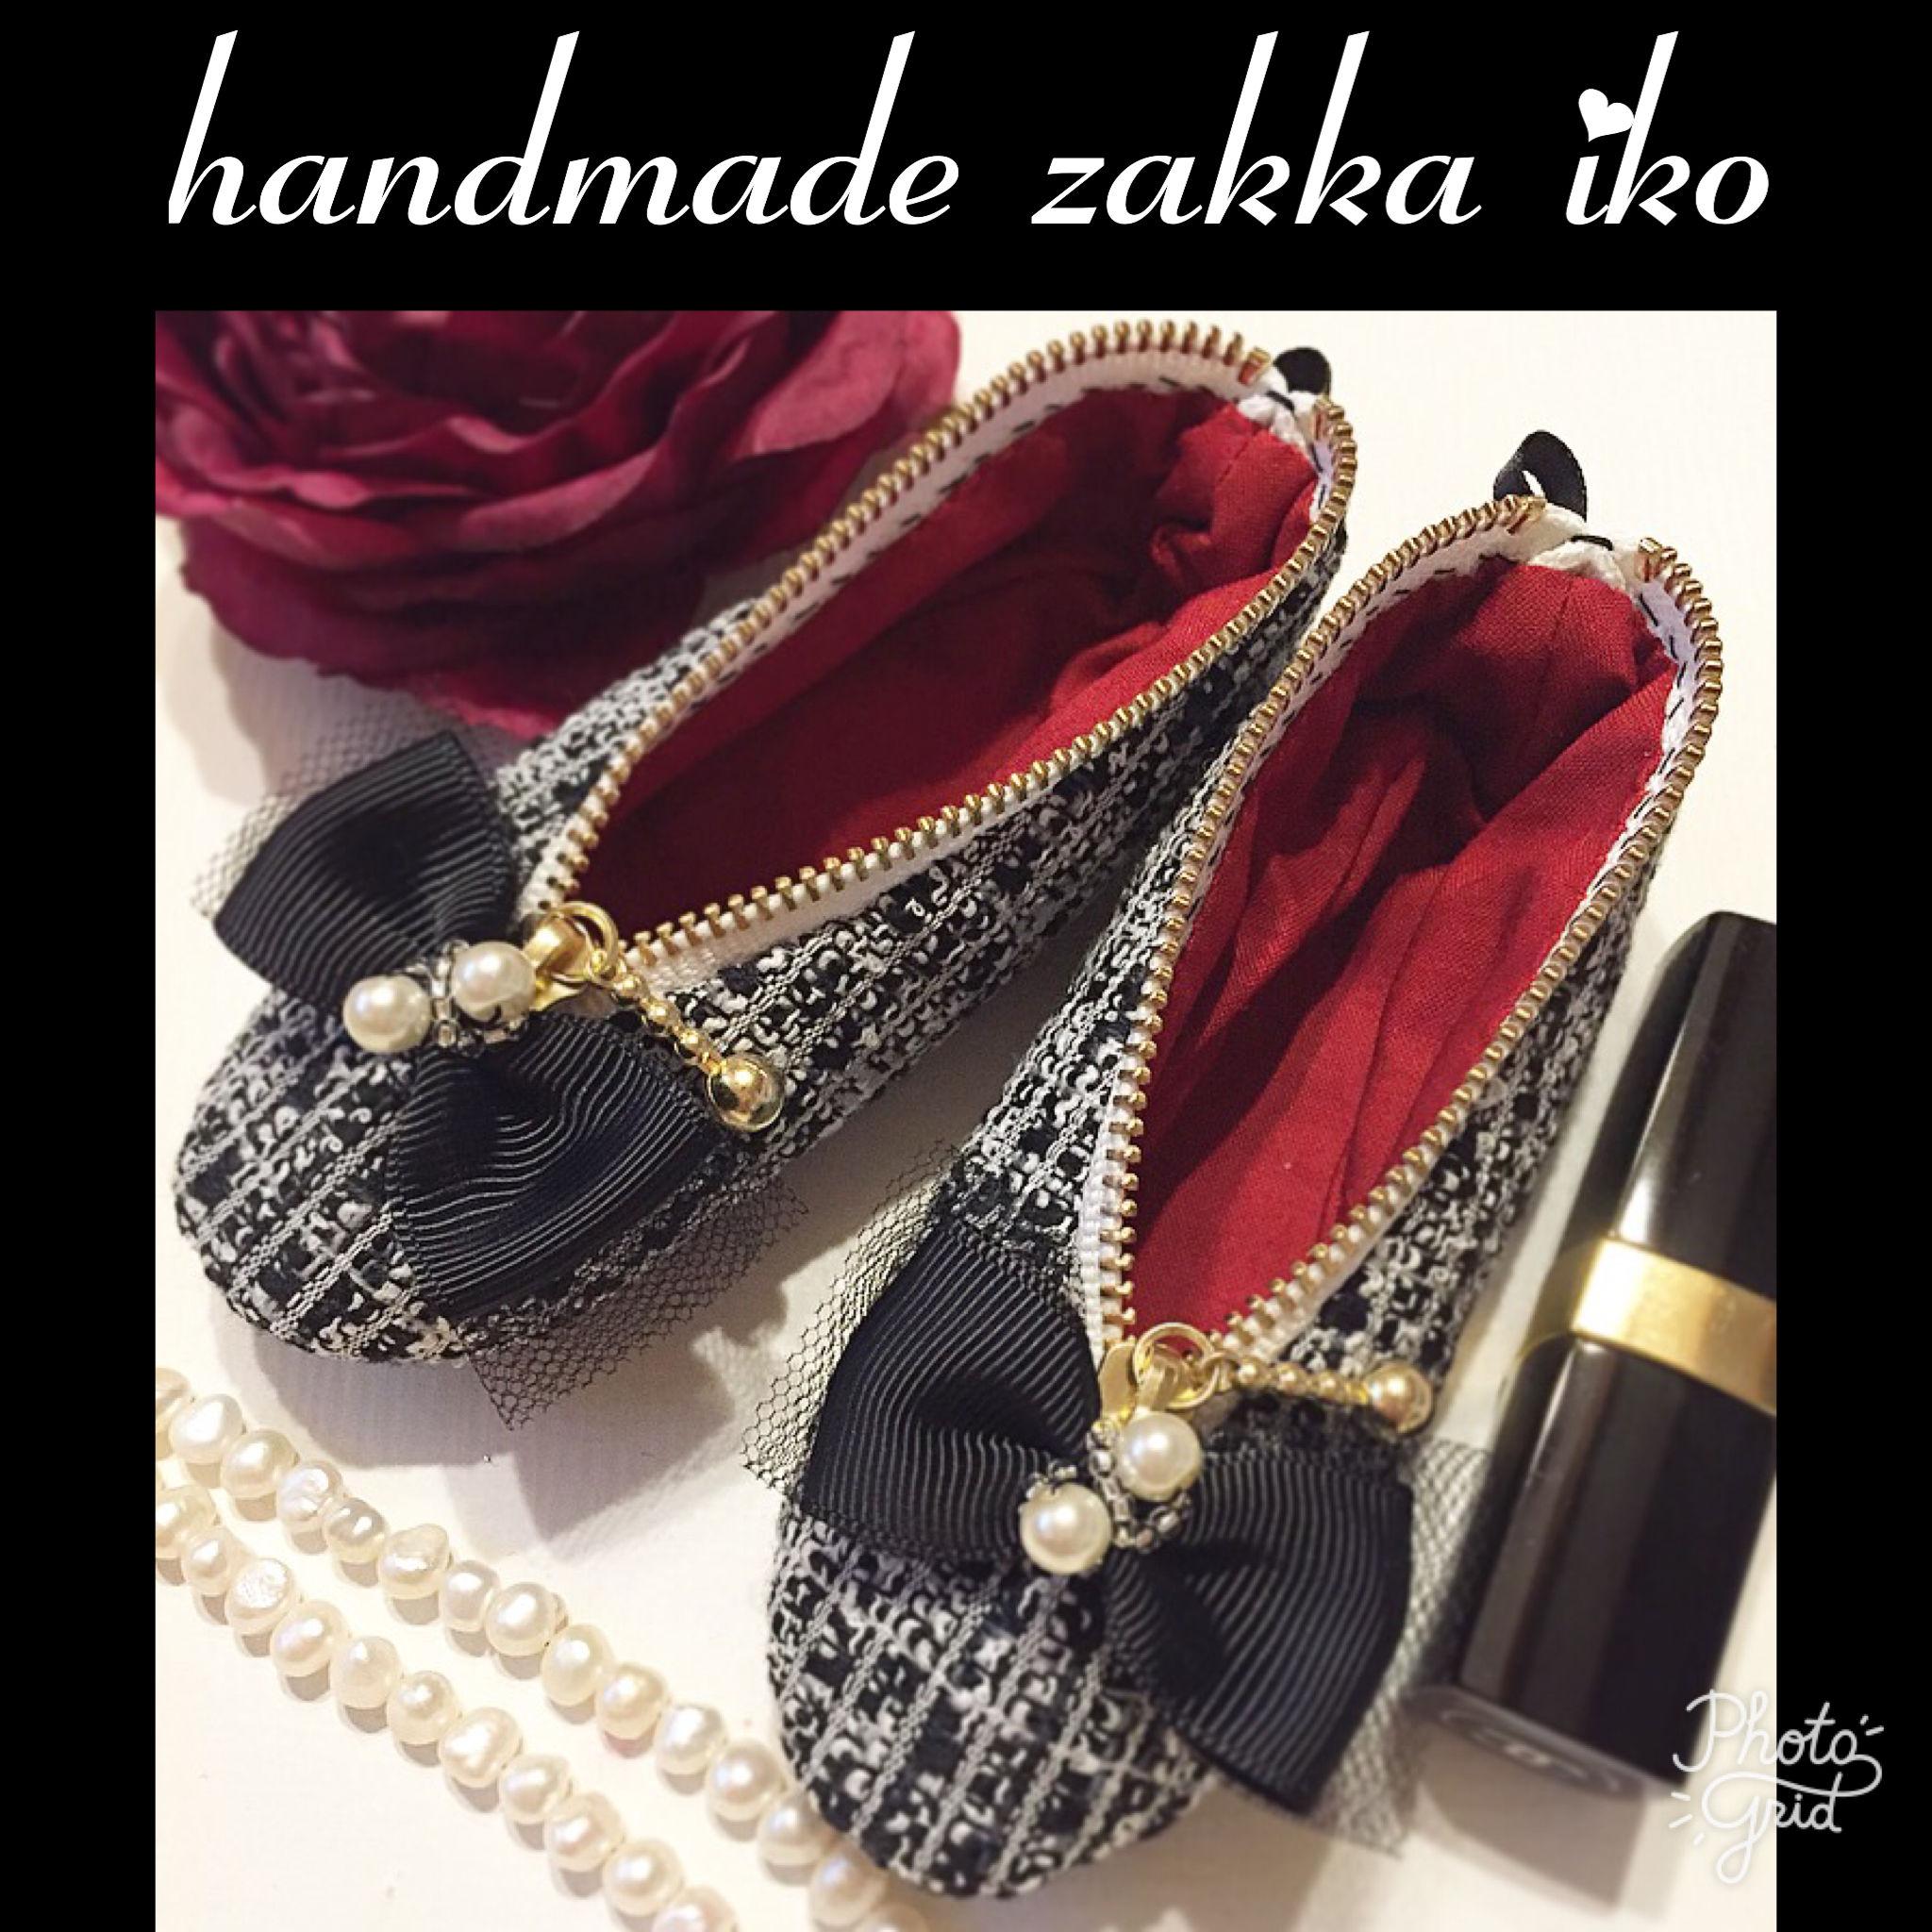 handmade zakka iko